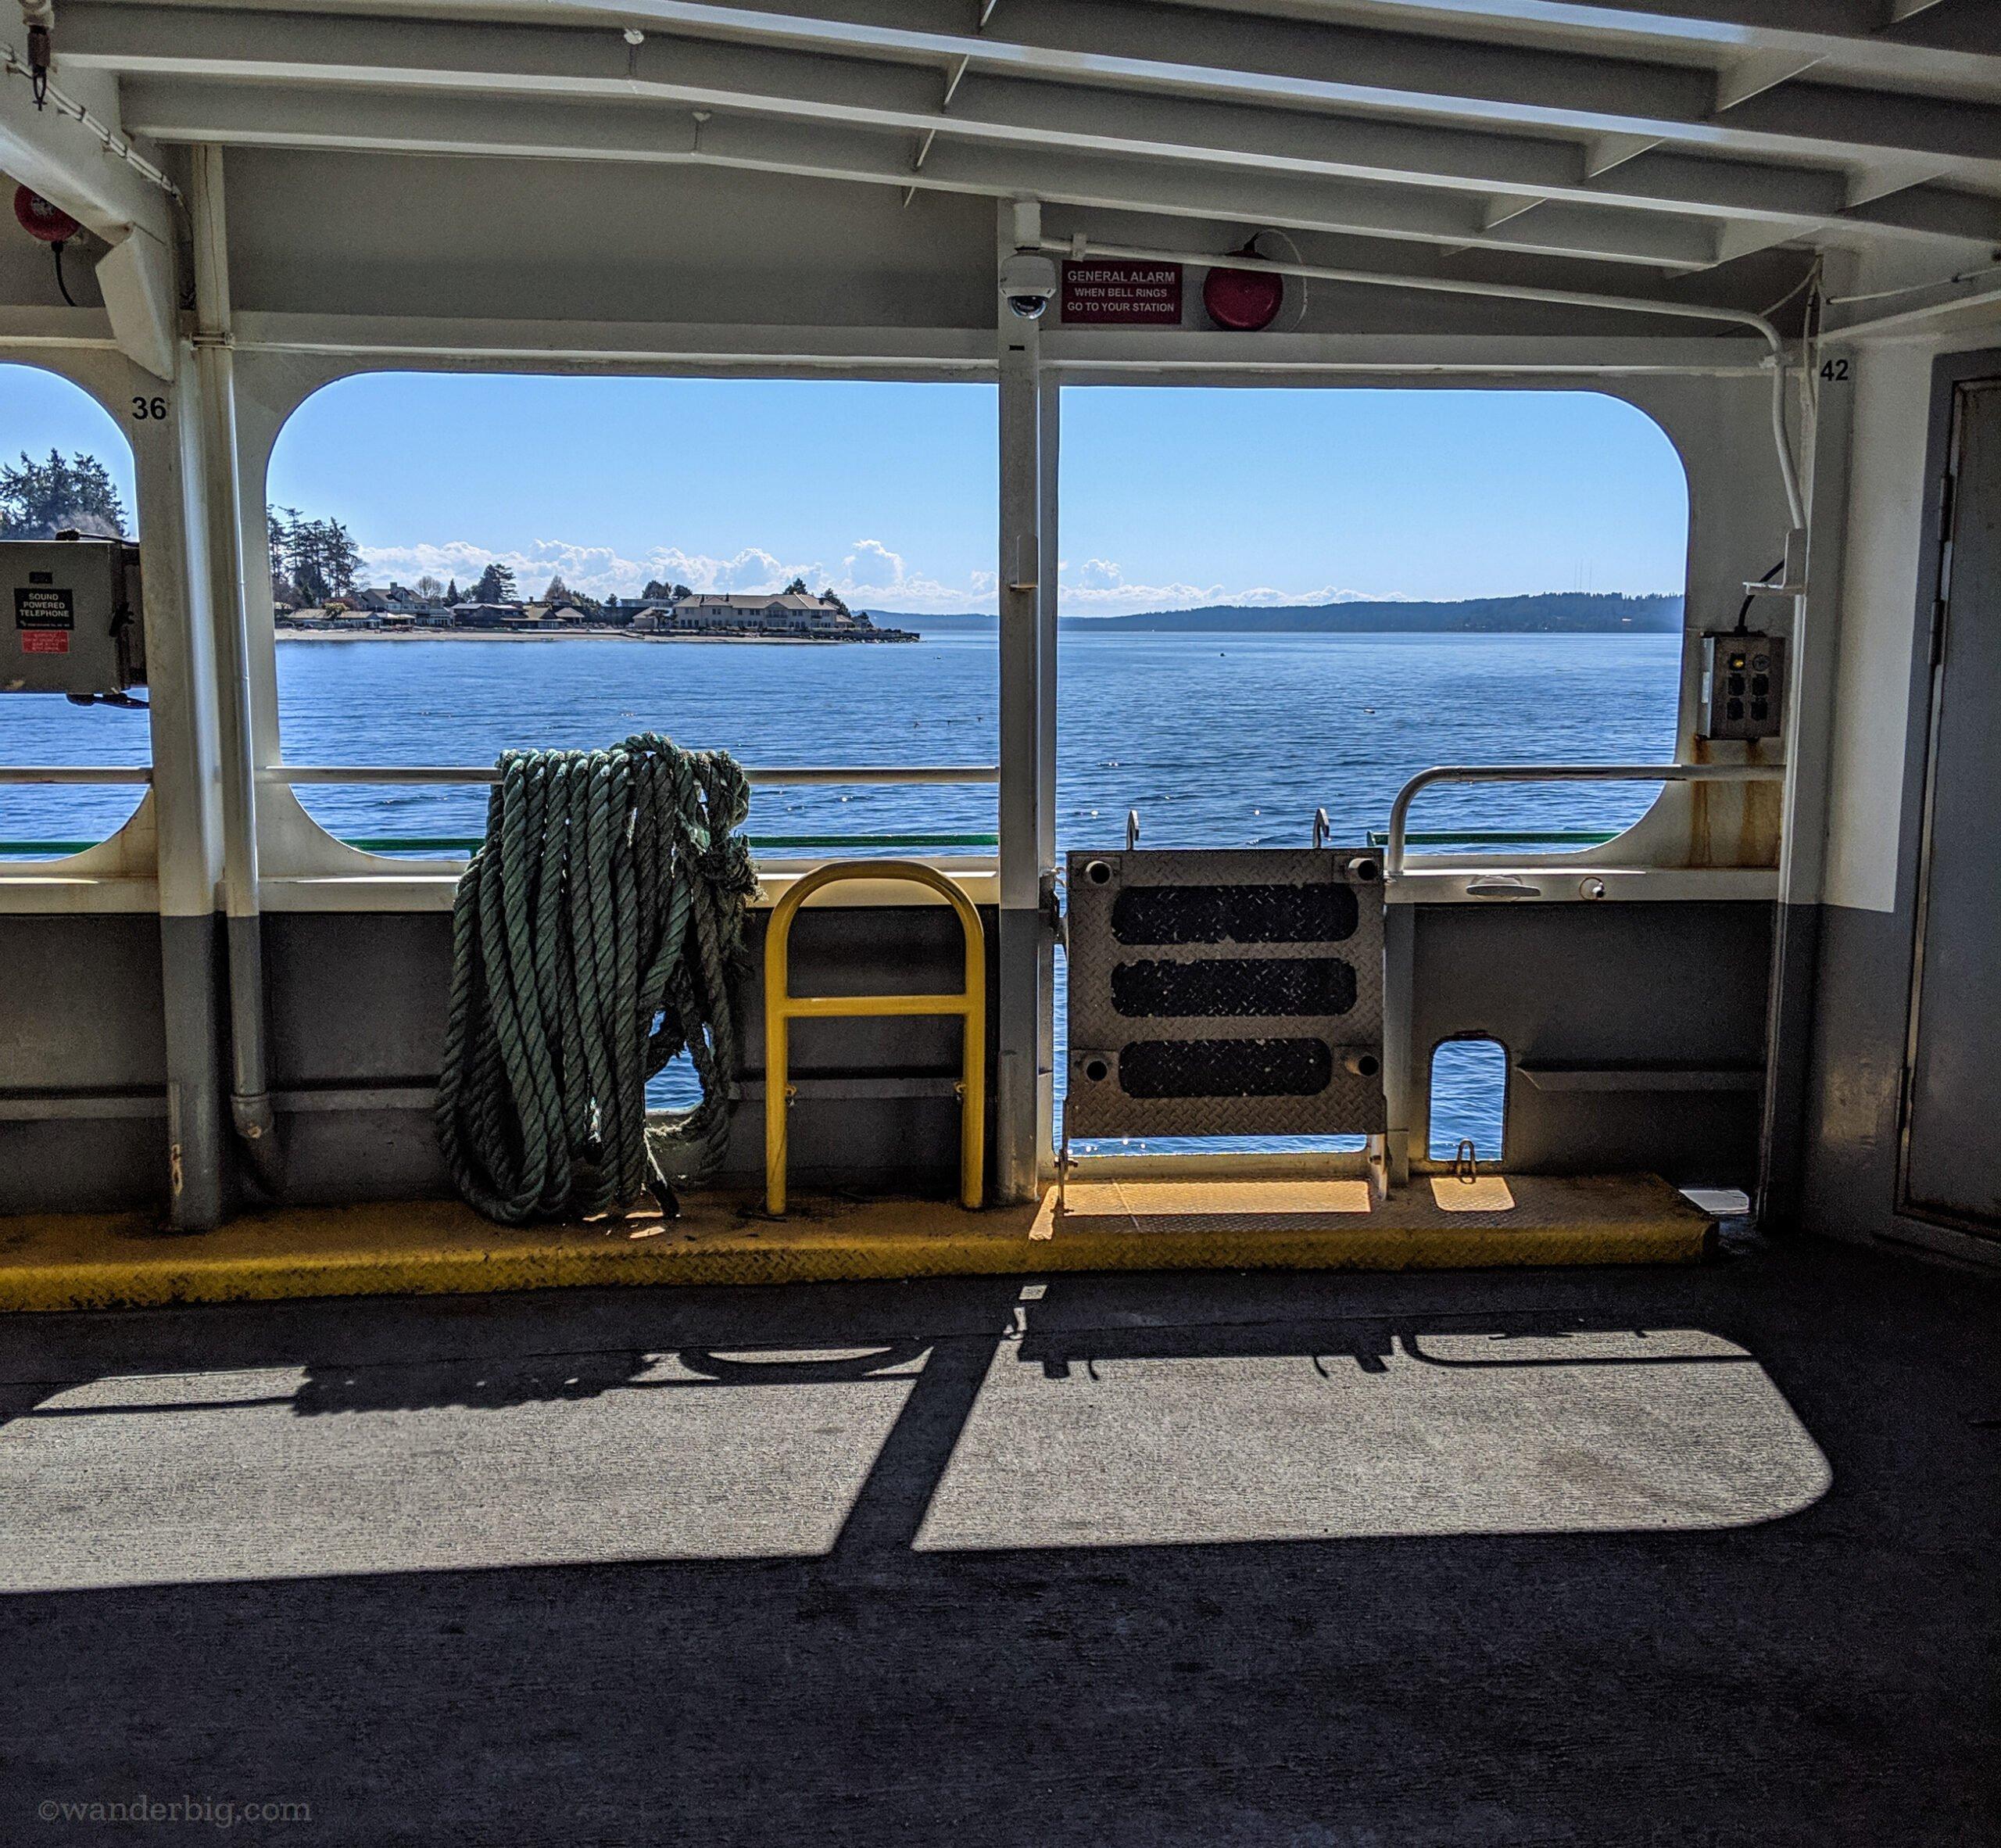 Bainbridge island as seen from the deck of a ferry.